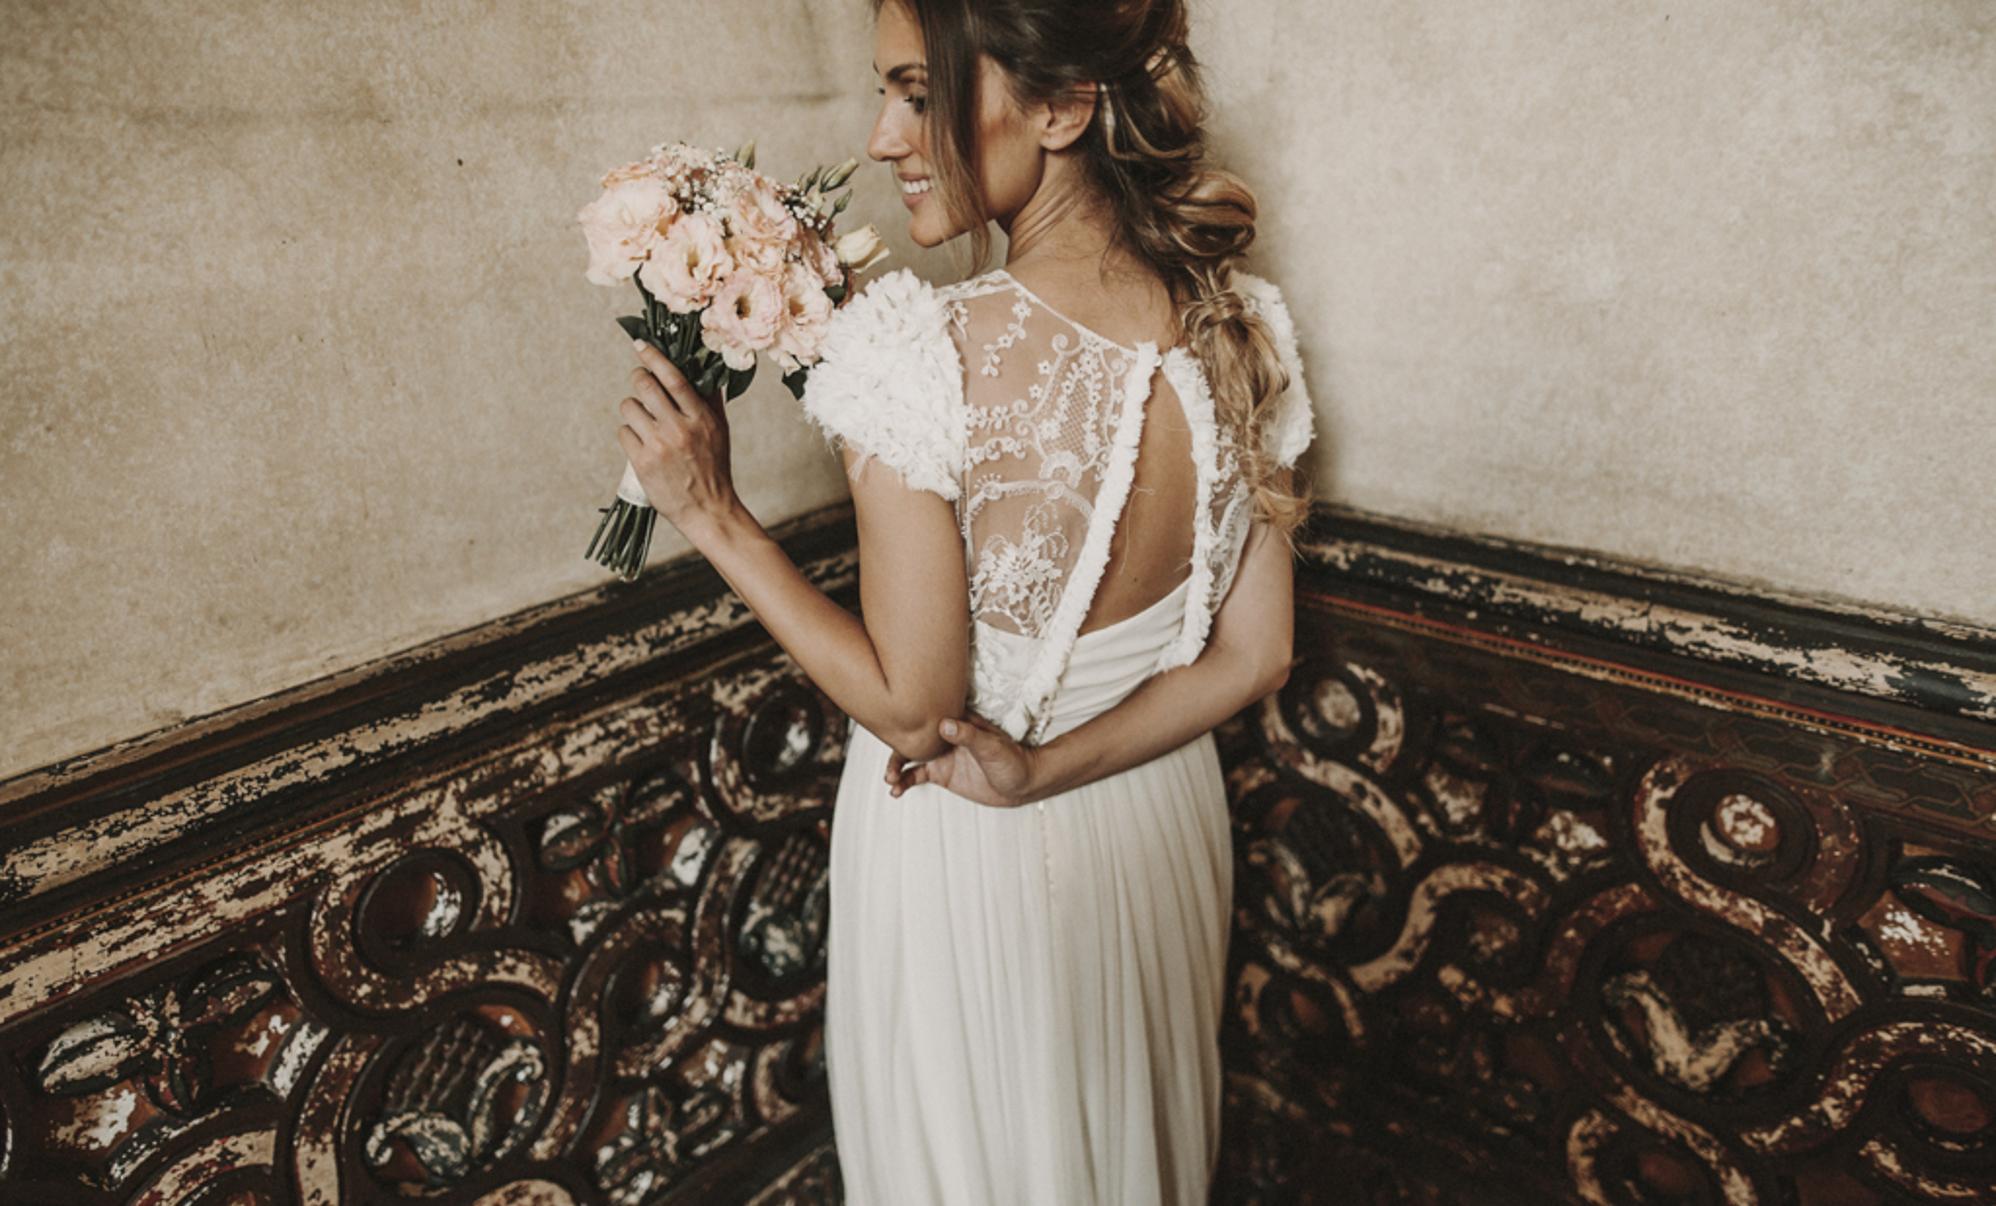 Dise adores de vestidos y trajes de novia a medida en sevilla - Disenadores de sevilla ...